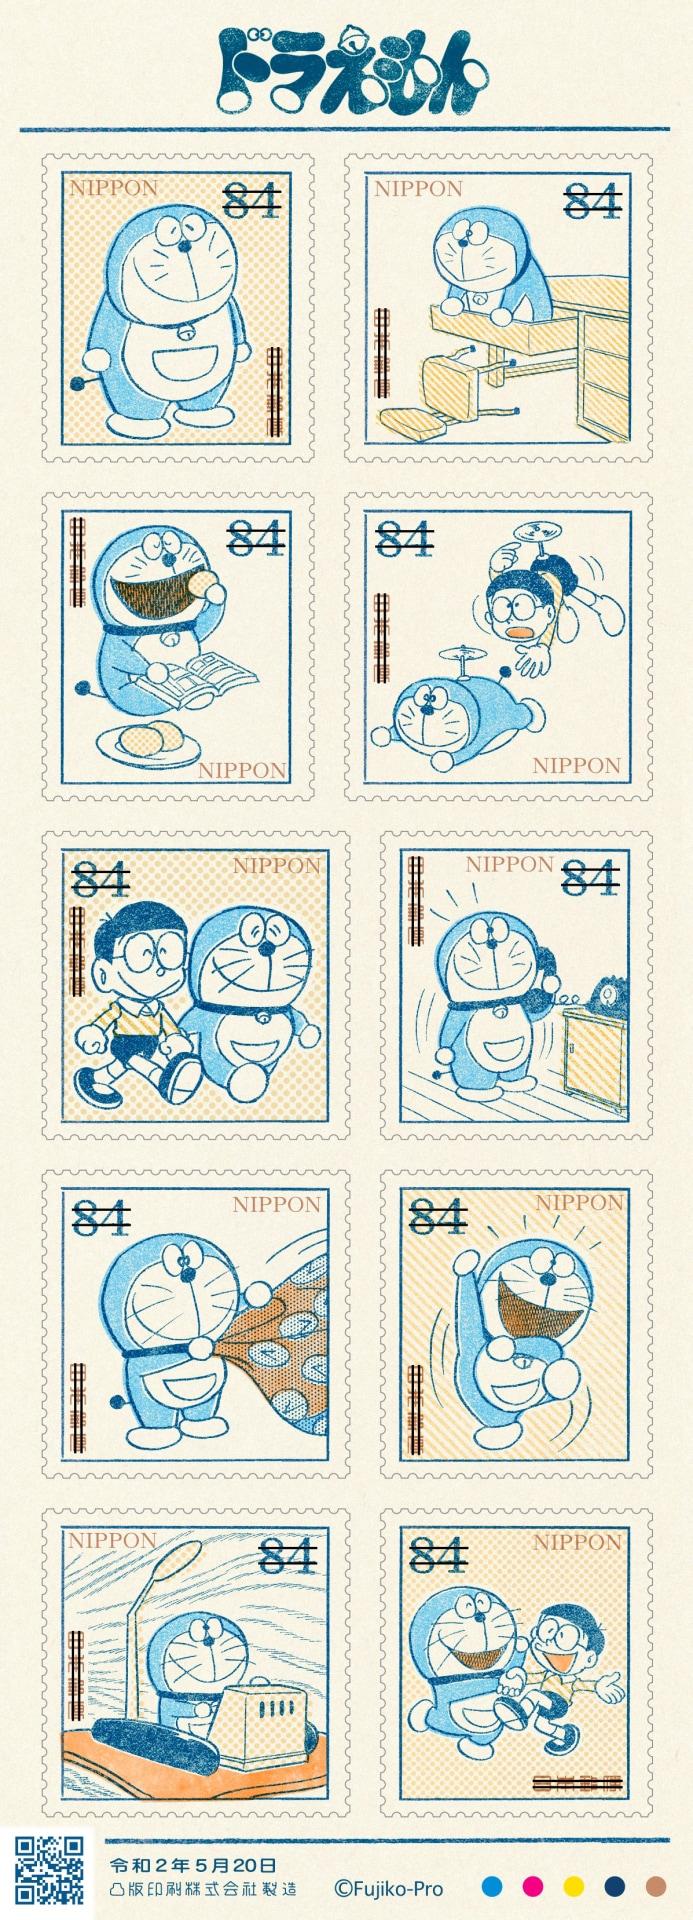 「ドラえもん」の84円郵便切手。